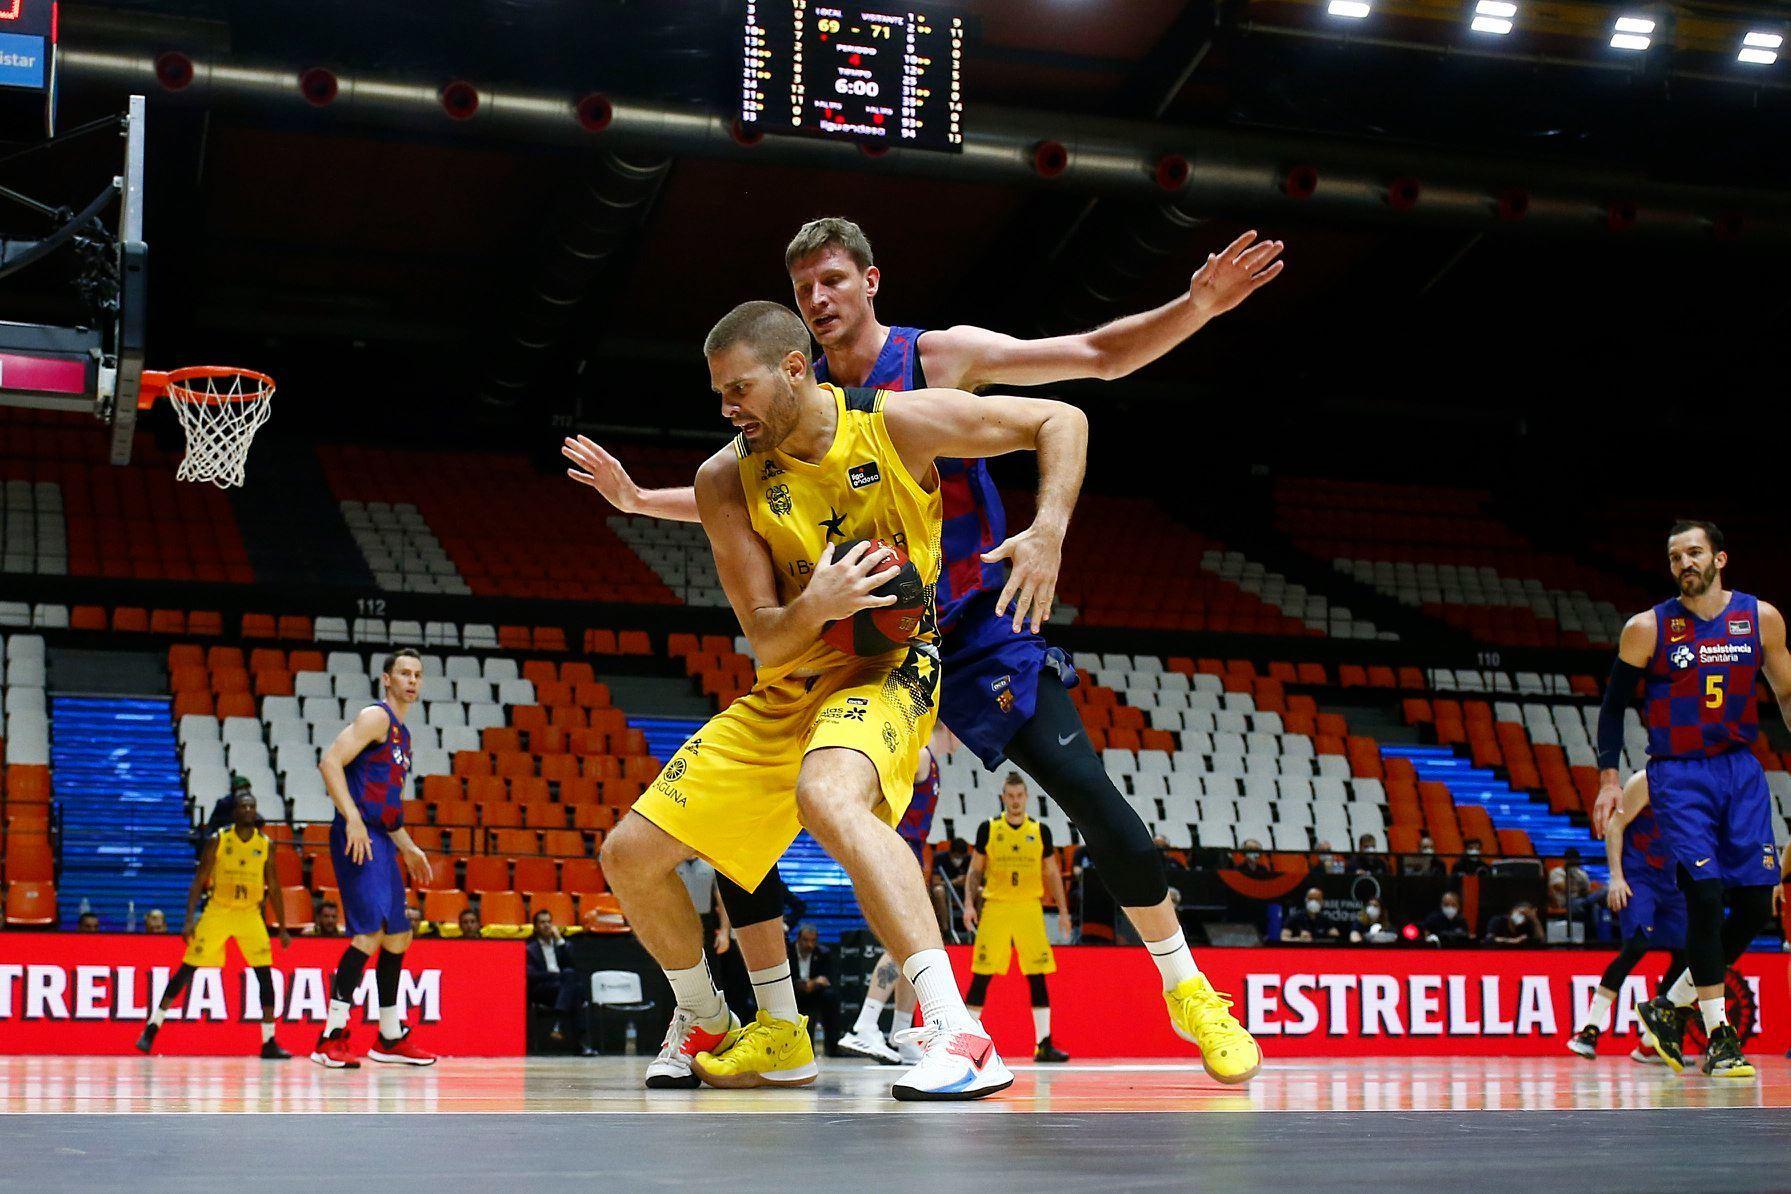 Барселона Артема Пустового отримала суперника по півфіналу чемпіонату Іспанії